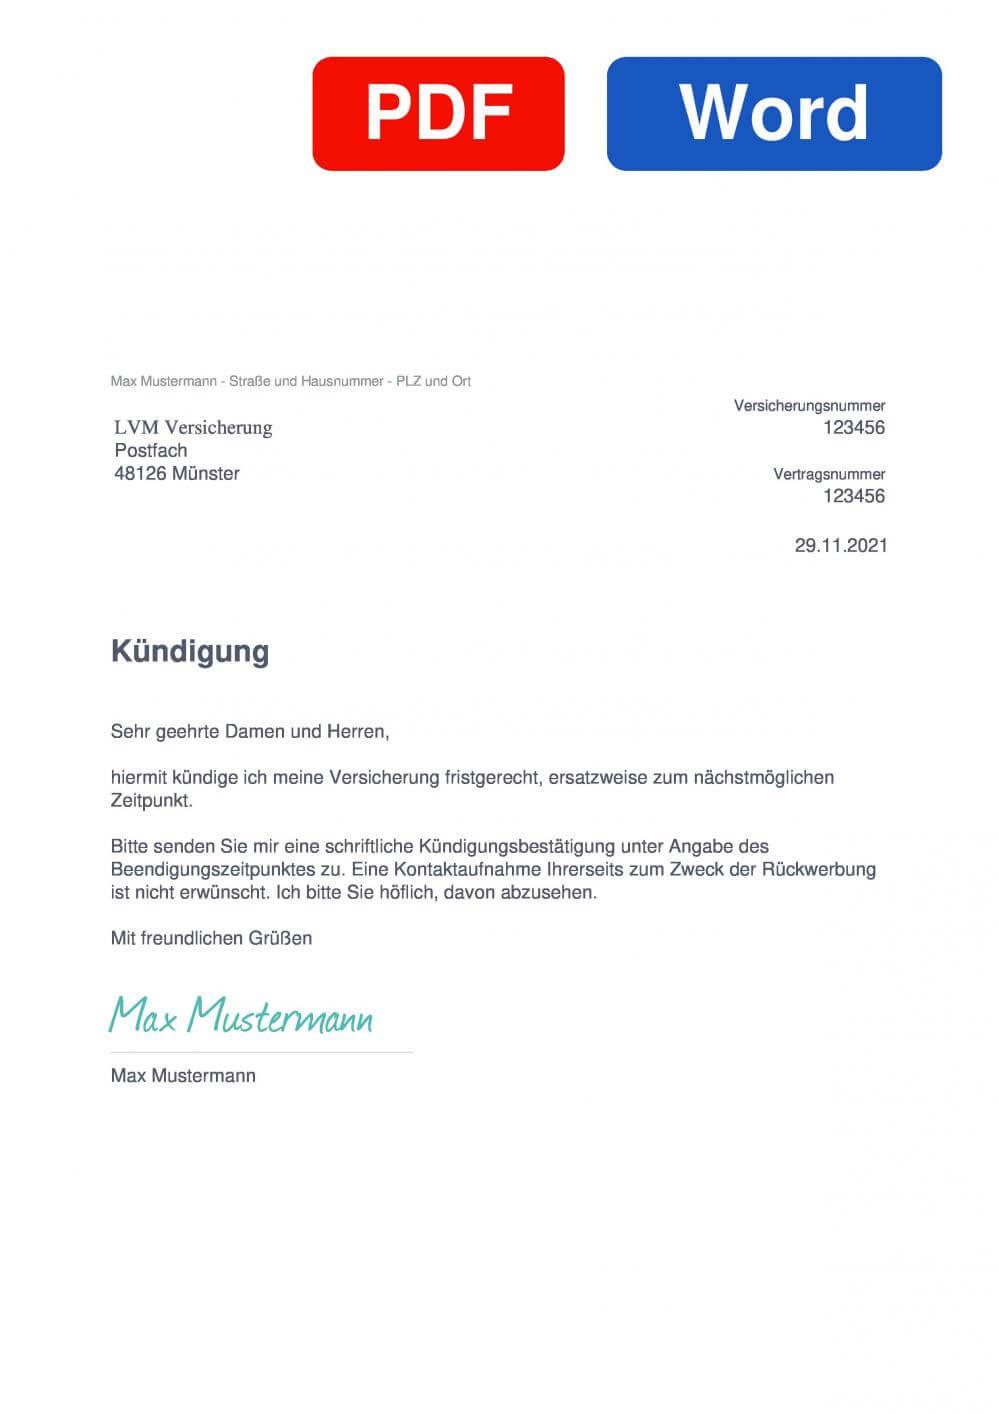 LVM Auslandskrankenversicherung Muster Vorlage für Kündigungsschreiben